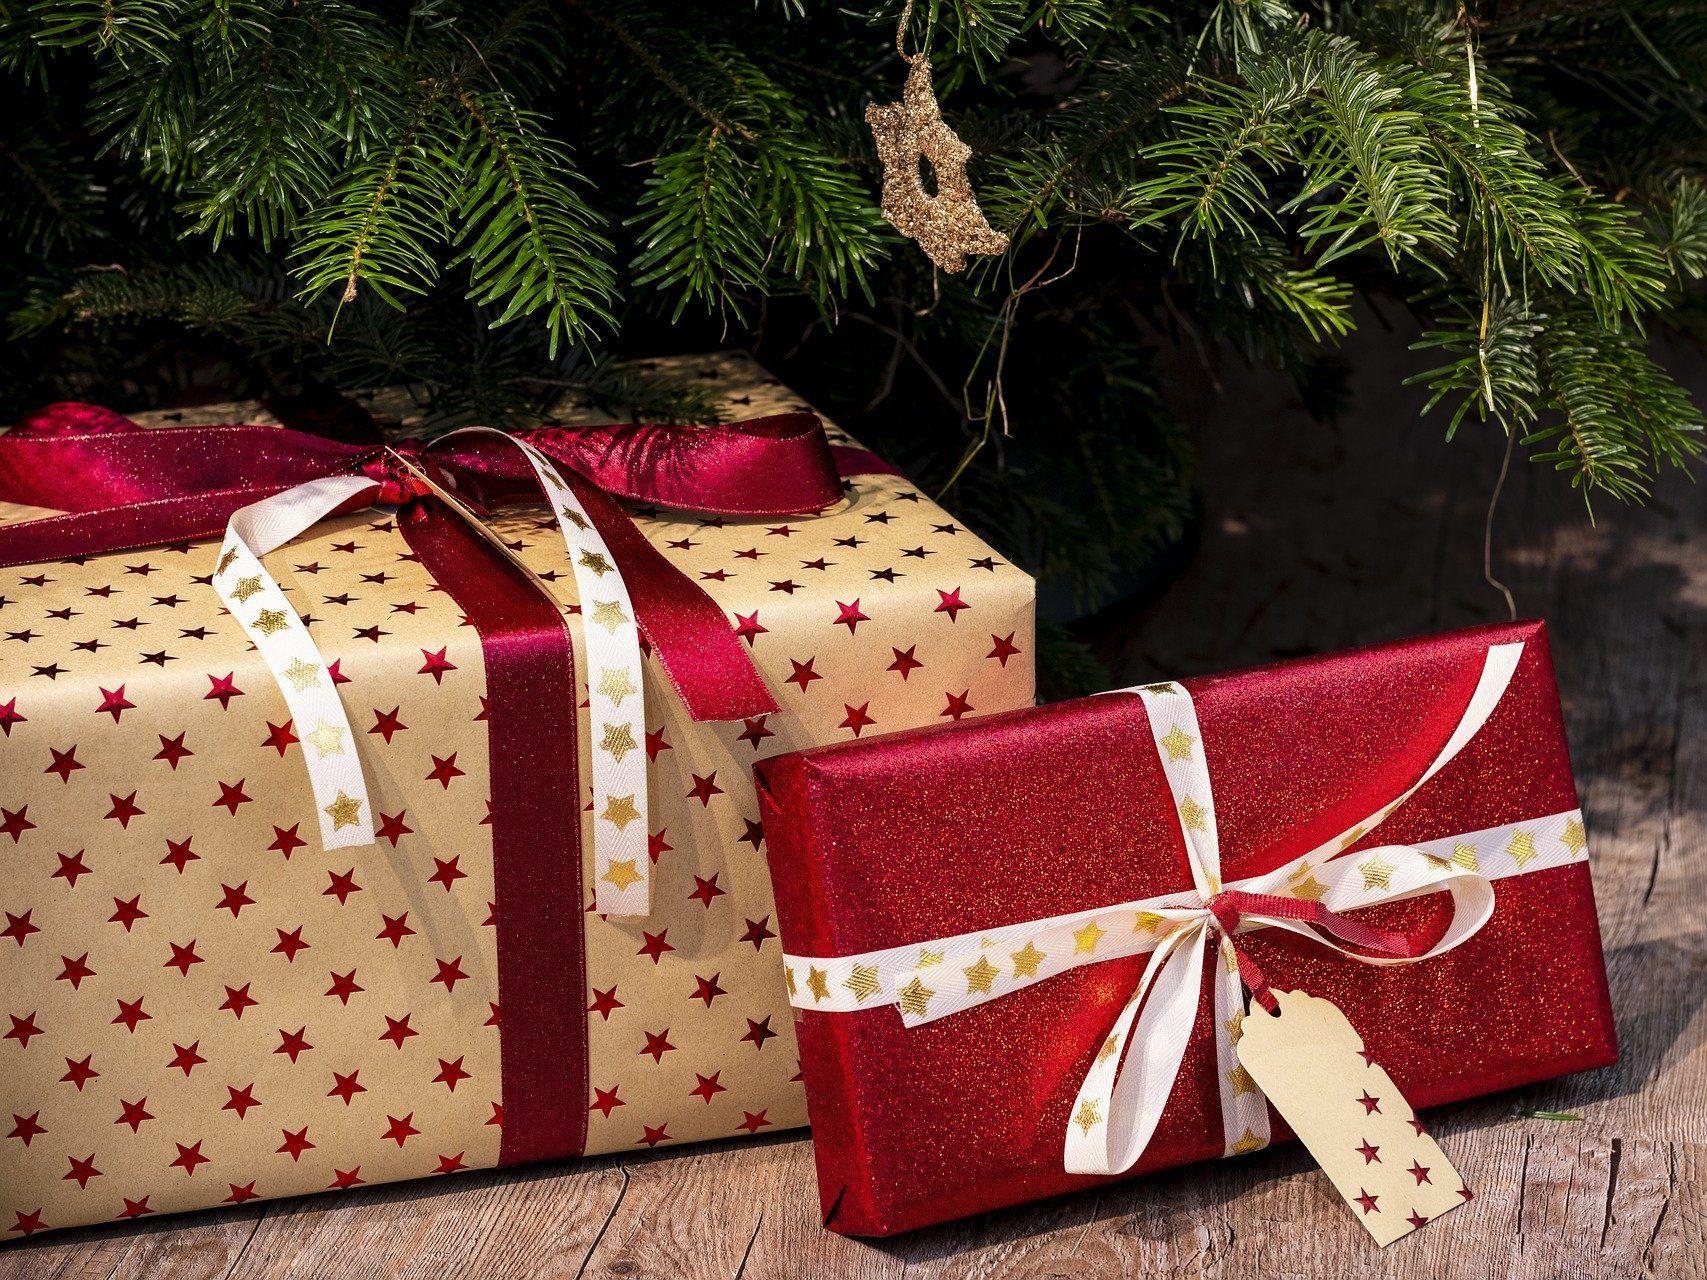 Lokal Und Oko Nachhaltige Geschenketipps Aus Wien Weihnachten In Wien Vienna At